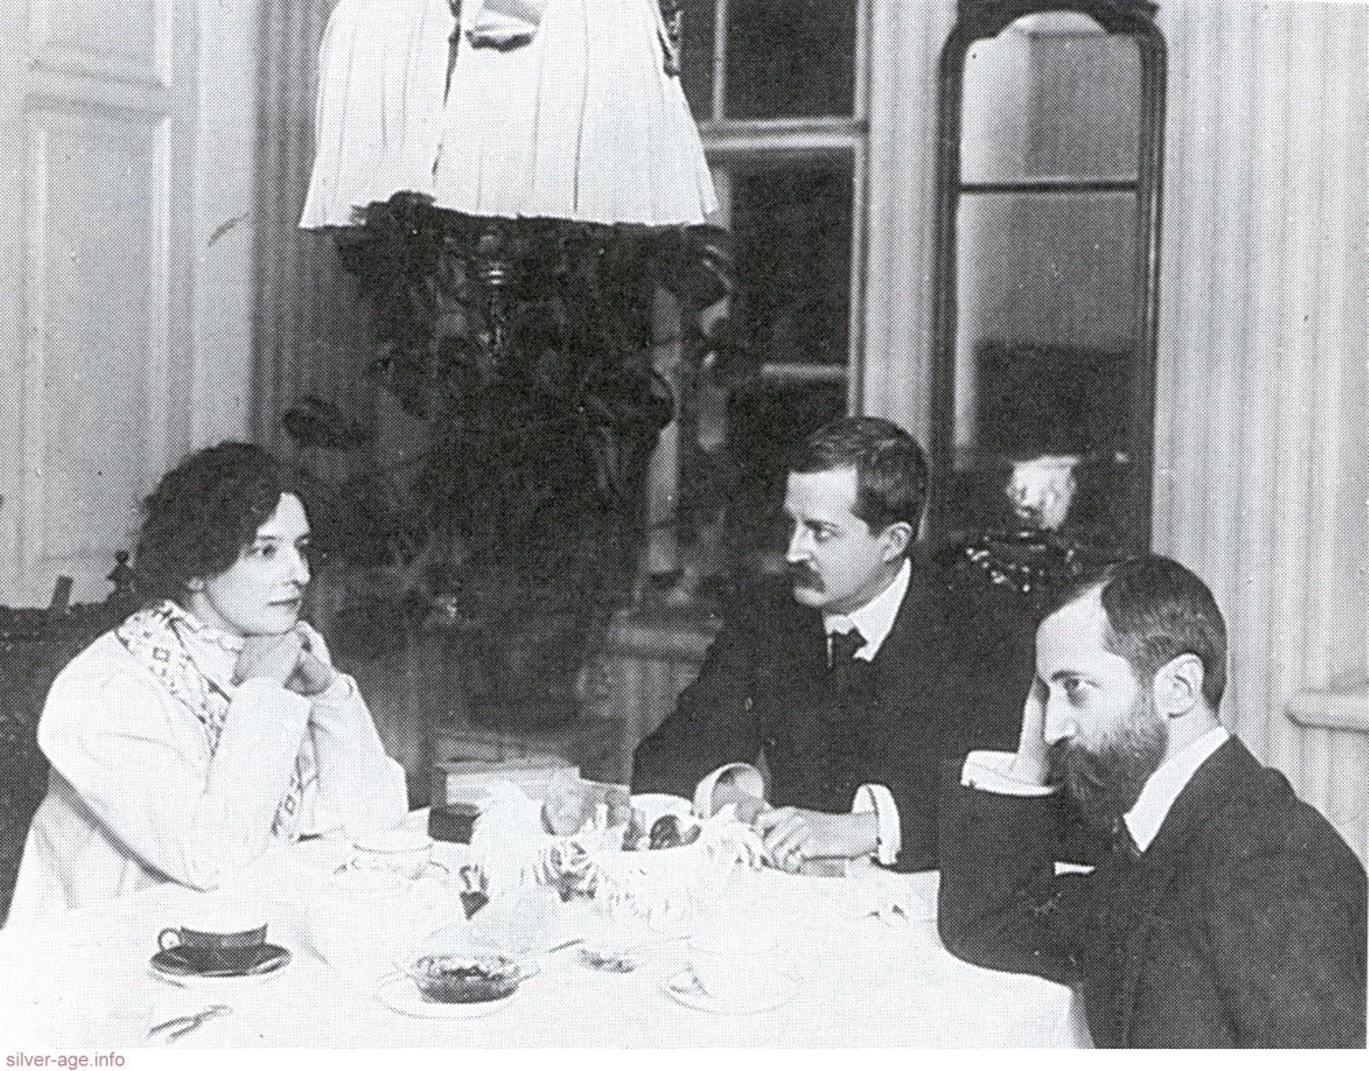 Зинаида Гиппиус, Дмитрий Философов, Дмитрий Мережковский. Санкт-Петербург, 1900-е годы